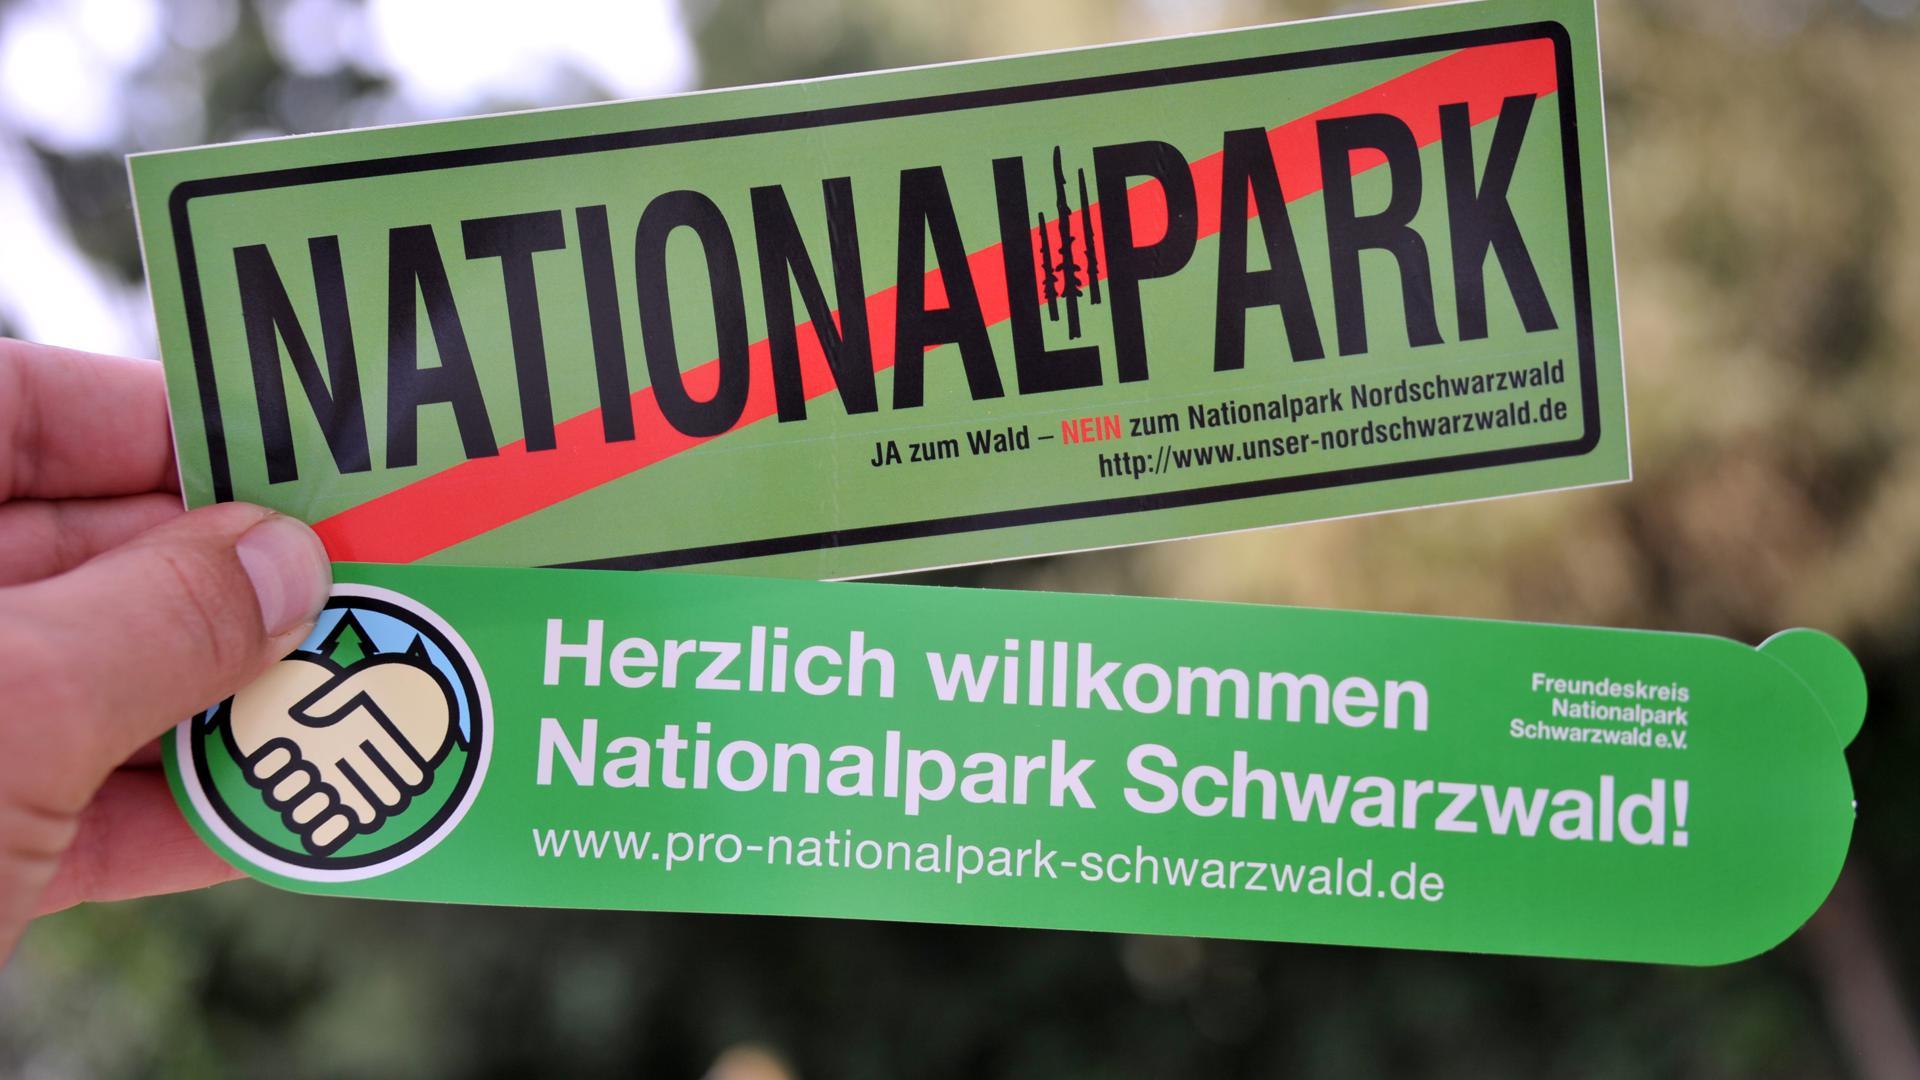 Die Gegner und Befürworter eines Nationalparks werben mit Aufklebern im Jahr 2012 für ihre Positionen. Obwohl es nur um 0,7 Prozent des Waldes im Südwesten geht, erhitzt die Diskussion um einen Nationalpark im Nordschwarzwald die Gemüter vor Ort.